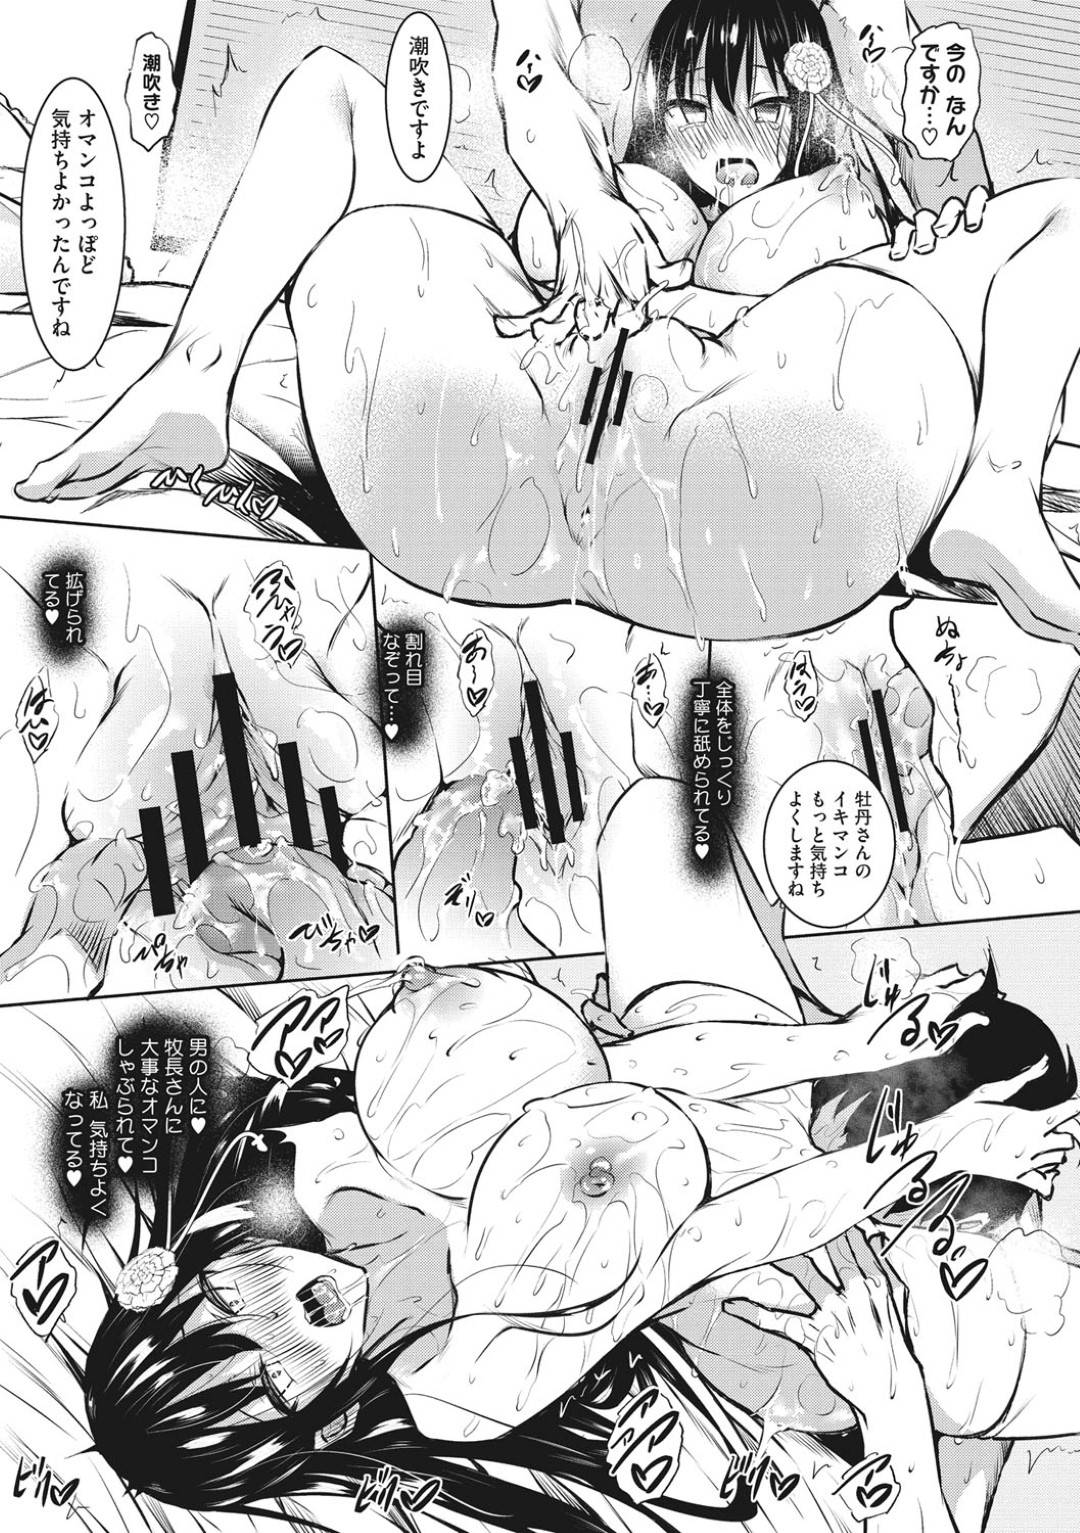 【清楚系ビッチエロ漫画】清楚系アイドルと友達になった男は、ホテルに連れて行くとおっぱいを揉みながら母乳を堪能。生ハメセックスで何度もイキまくる【復八磨直兎】